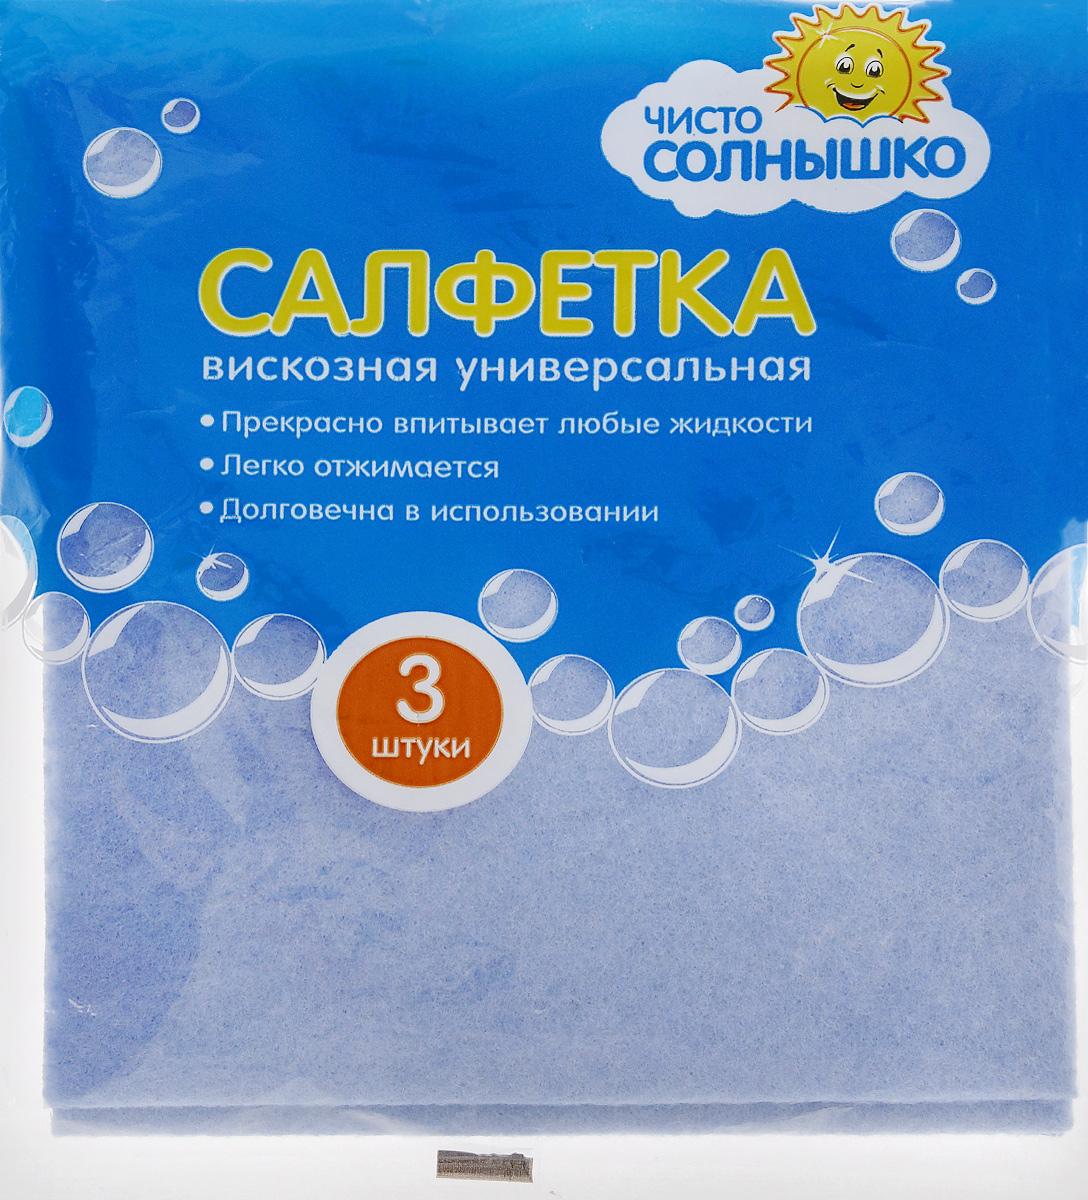 Салфетка для уборки Чисто-Солнышко, универсальная, цвет: голубой, 30 x 34 см, 3 штЧС 1.2_голубойСалфетки для уборки Чисто-Солнышко, выполненные из вискозы и полиэстера, предназначены для уборки и могут применяться с различными моющими средствами. Эффективно впитывают жидкость. Мягкие и прочные, легко отжимаются и быстро сохнут.